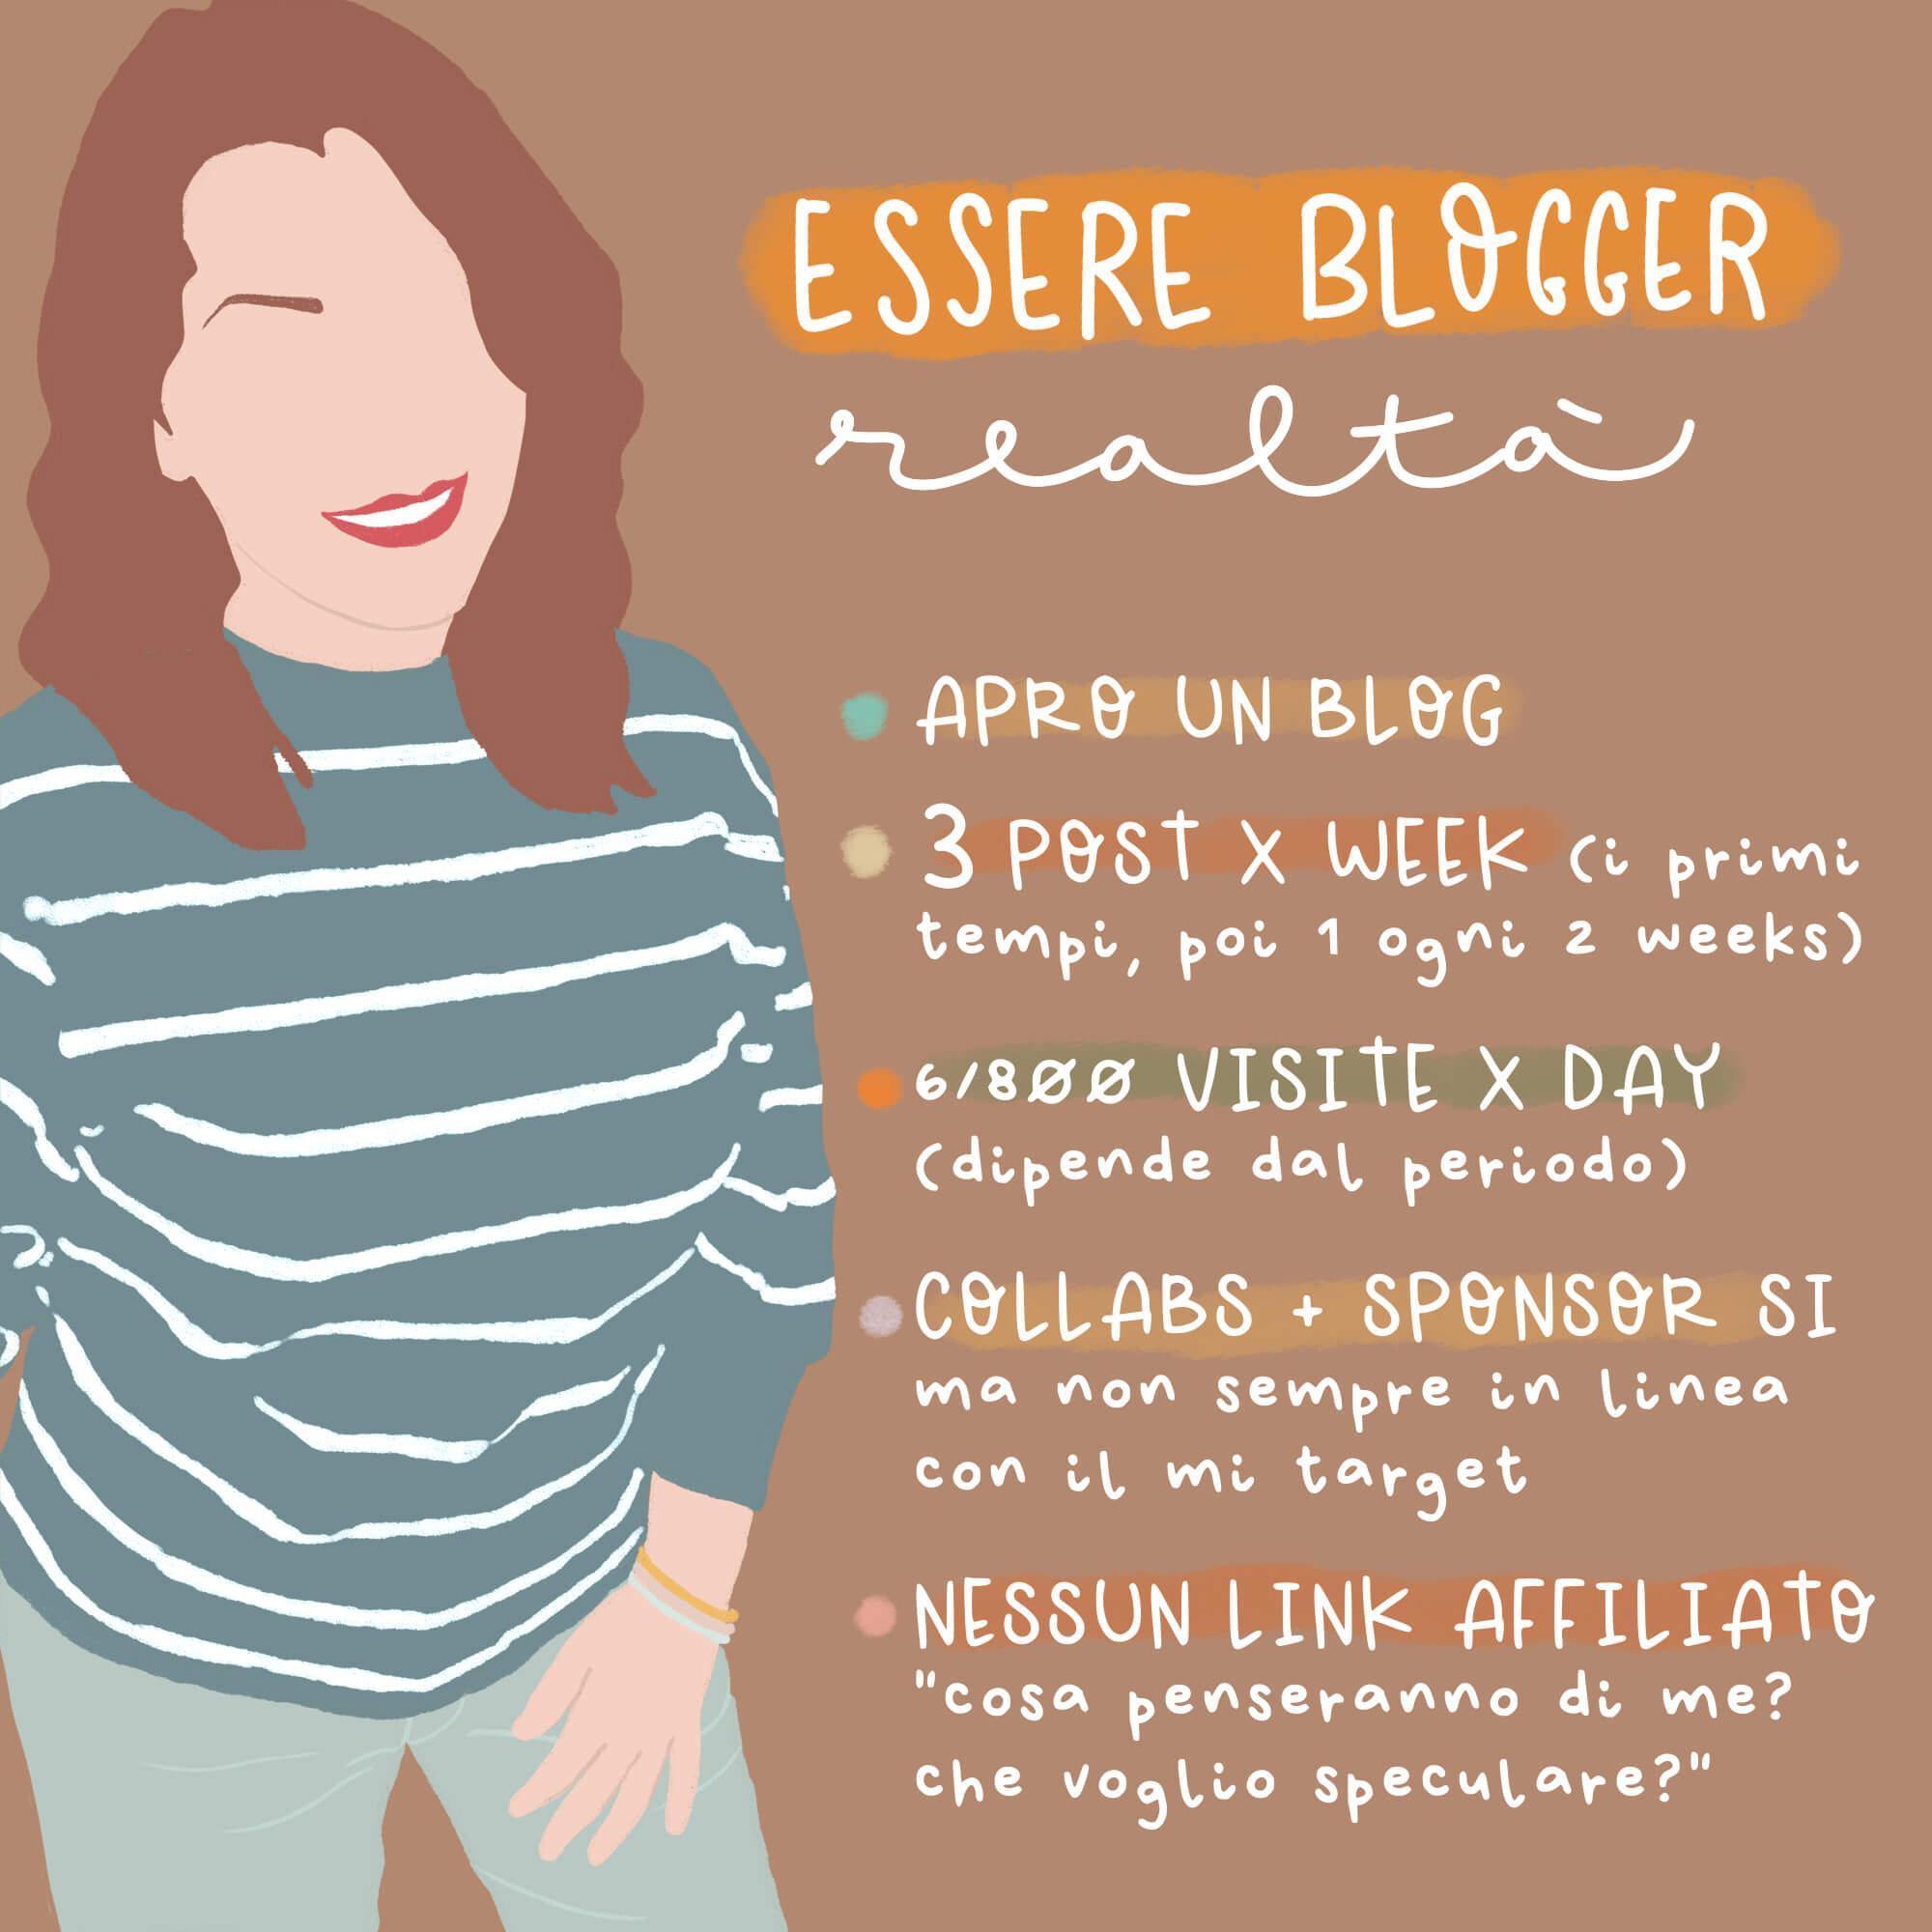 la realtà di essere blogger